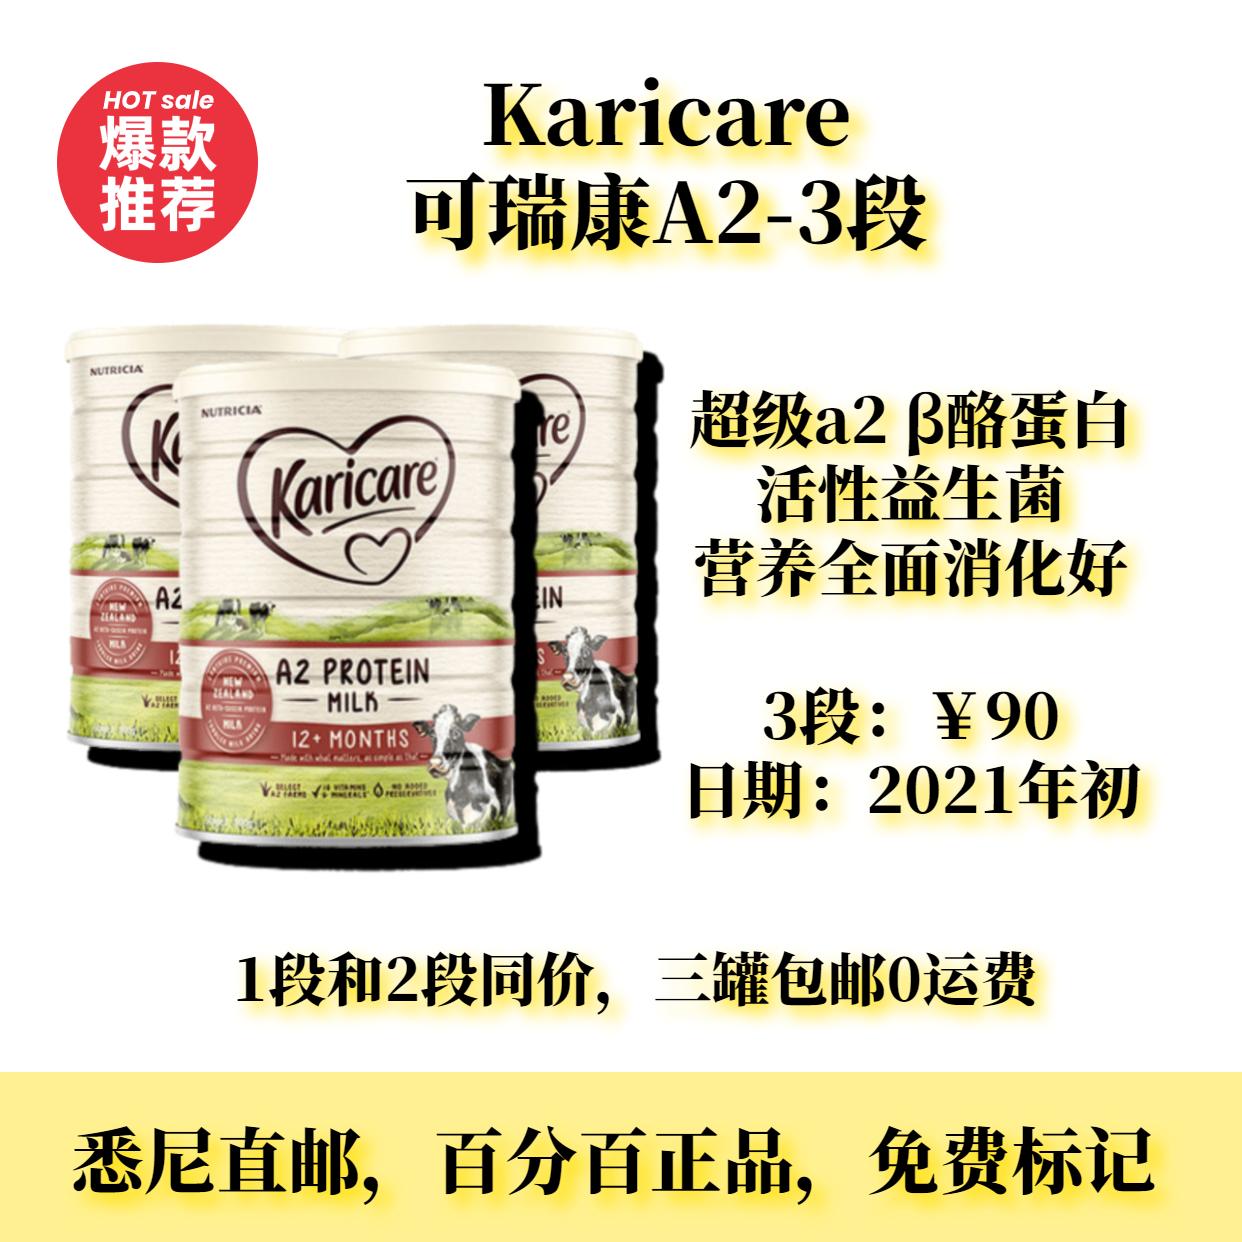 オーストラリアの瑞康a 2チーズタンパク質牛乳粉末123段乳幼児1、3段の輸入調合粉ミルク900 g